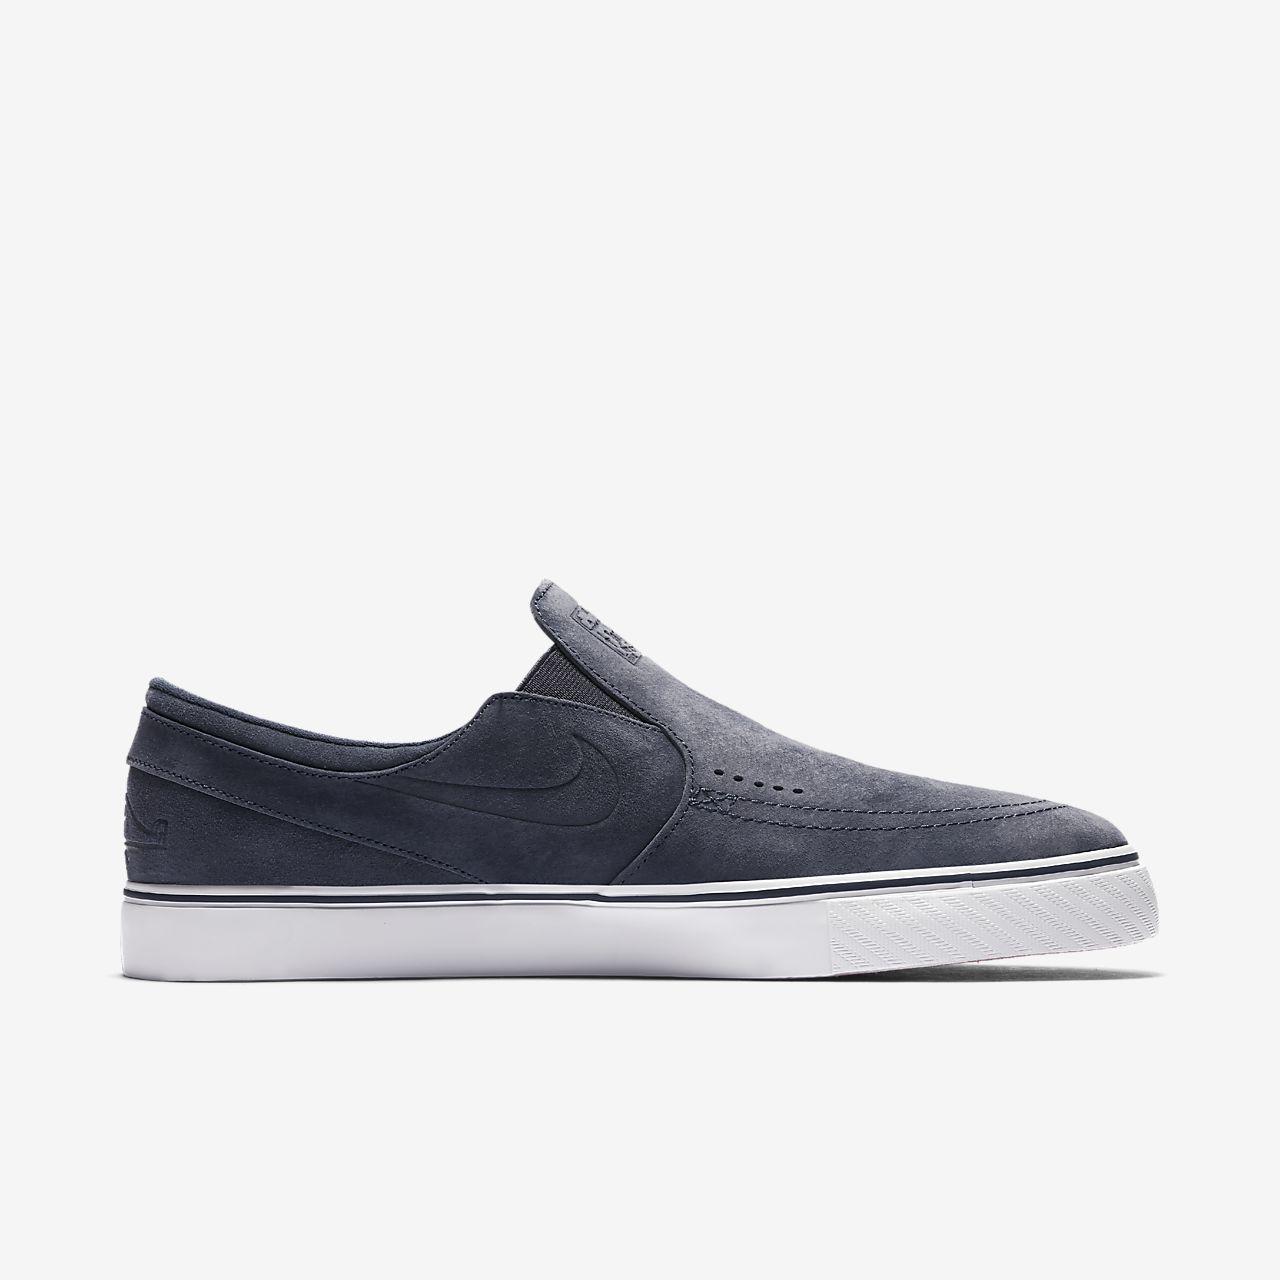 remise d'expédition authentique Vente en ligne Nike Glissement De La Janoski Sur Les Chaussures En Daim 2014 plus récent boutique vente magasin d'usine 4ApMCQl72s